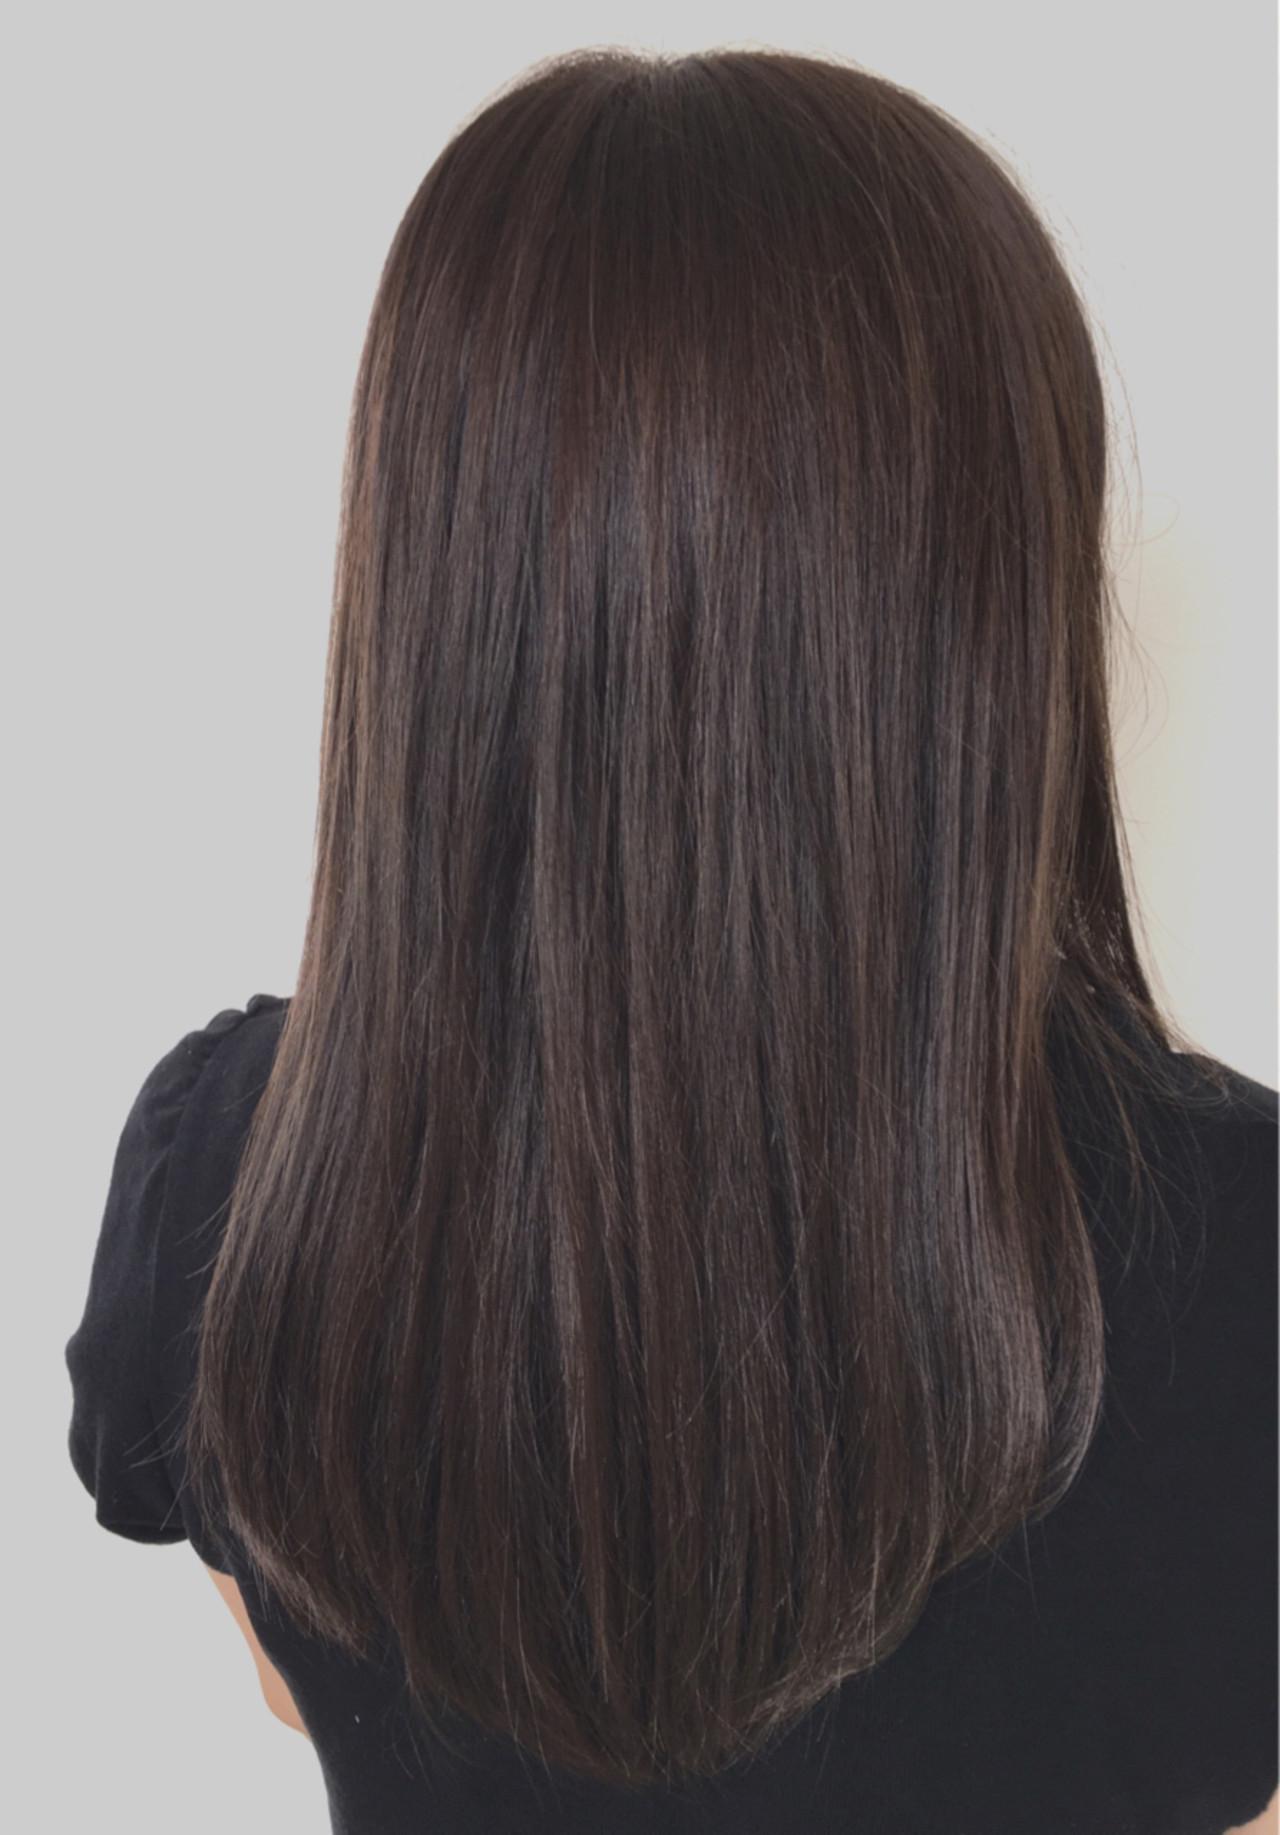 アッシュ セミロング ストレート 透明感ヘアスタイルや髪型の写真・画像